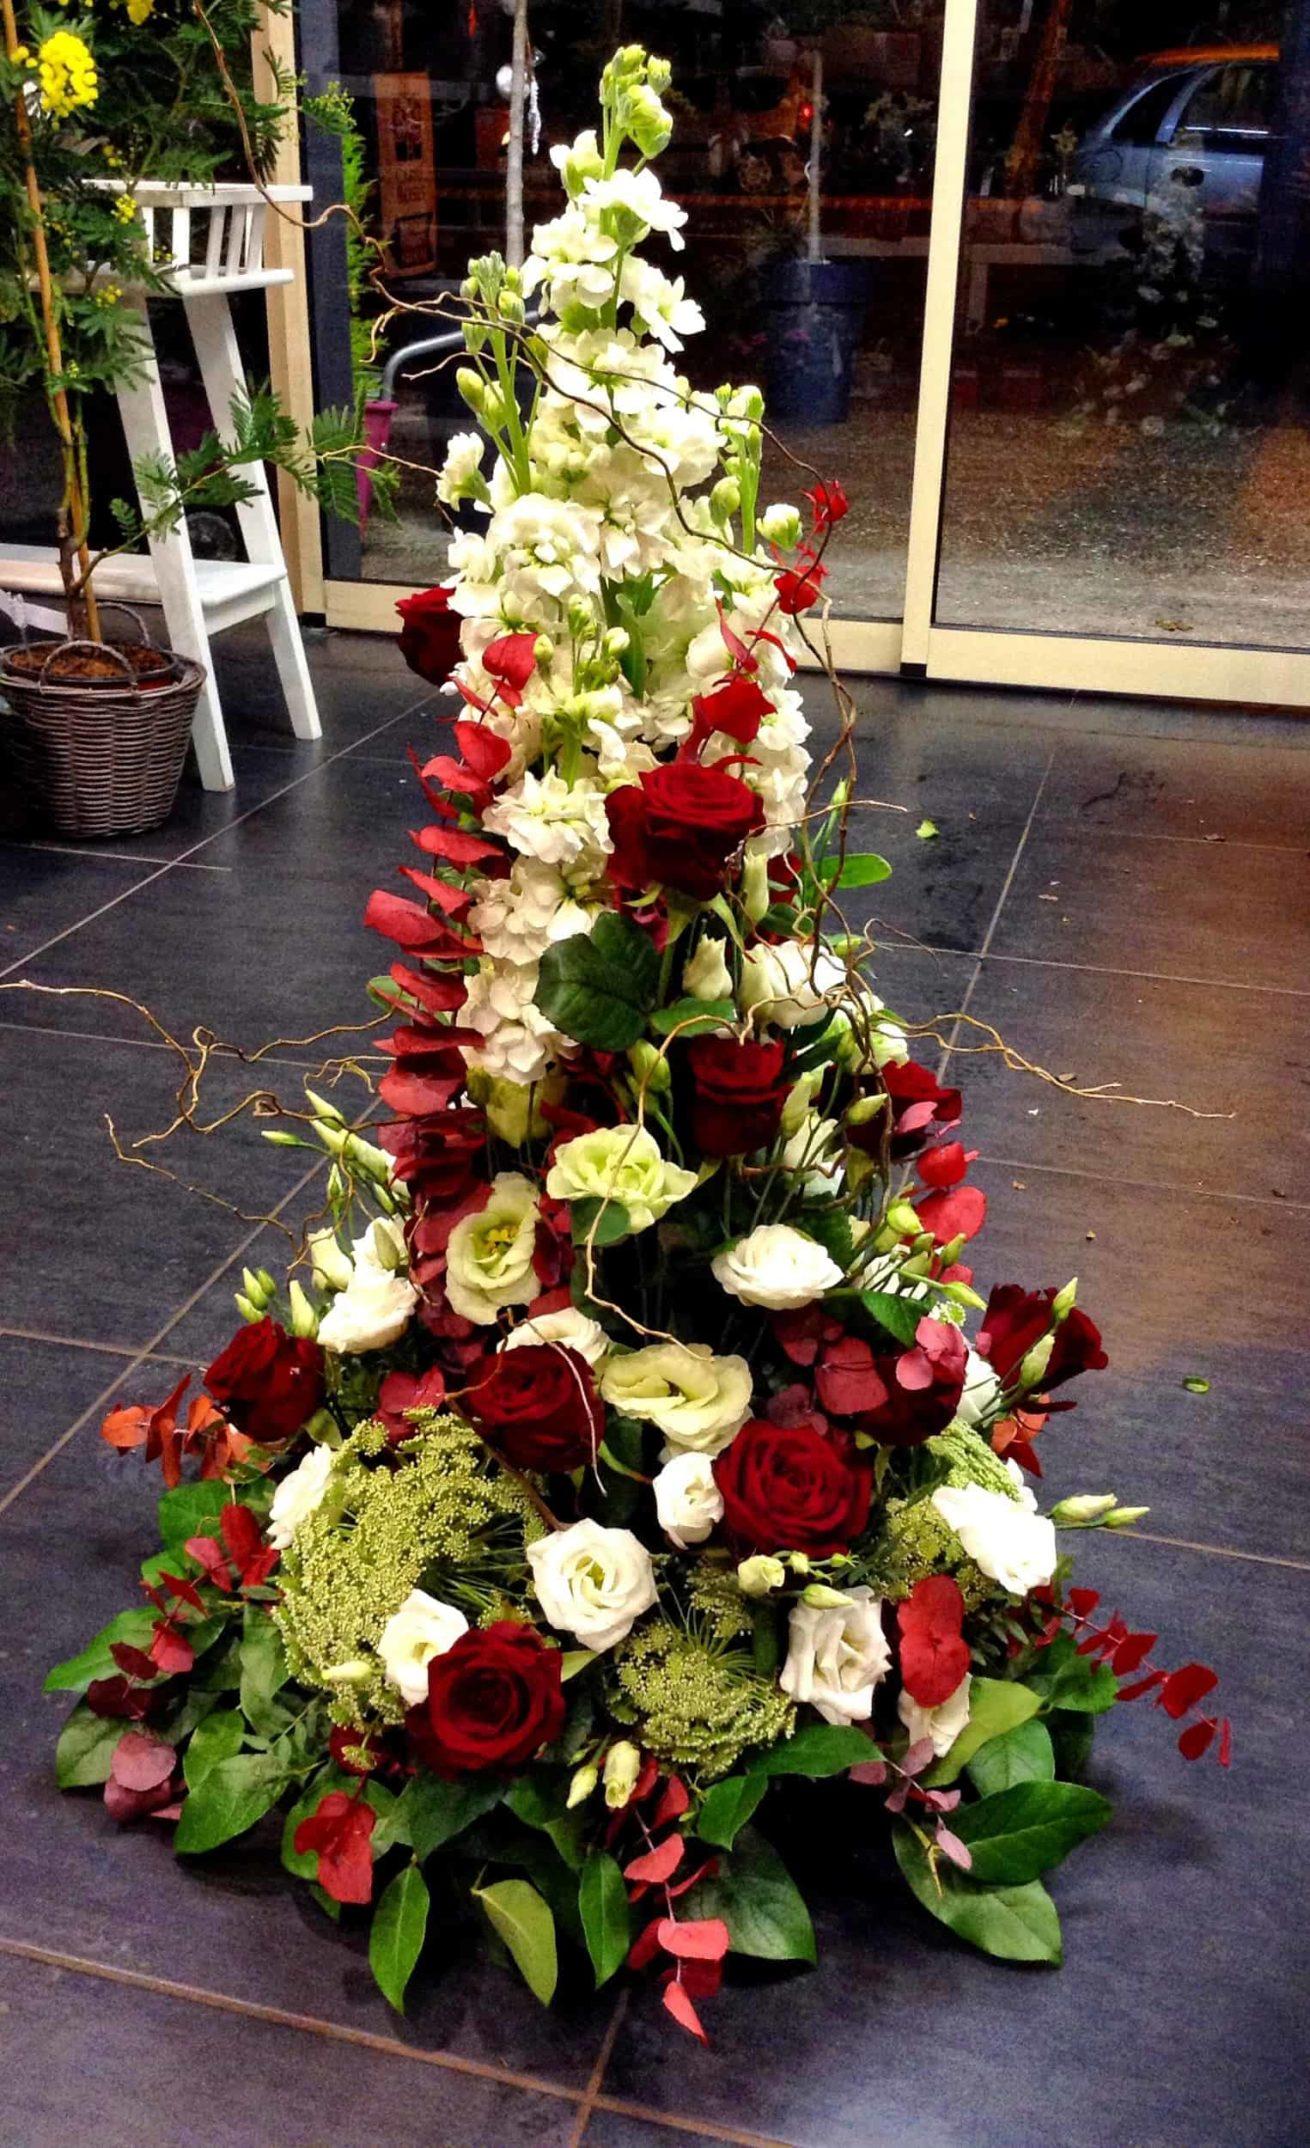 deuil-carre-roses-bordeaux-10